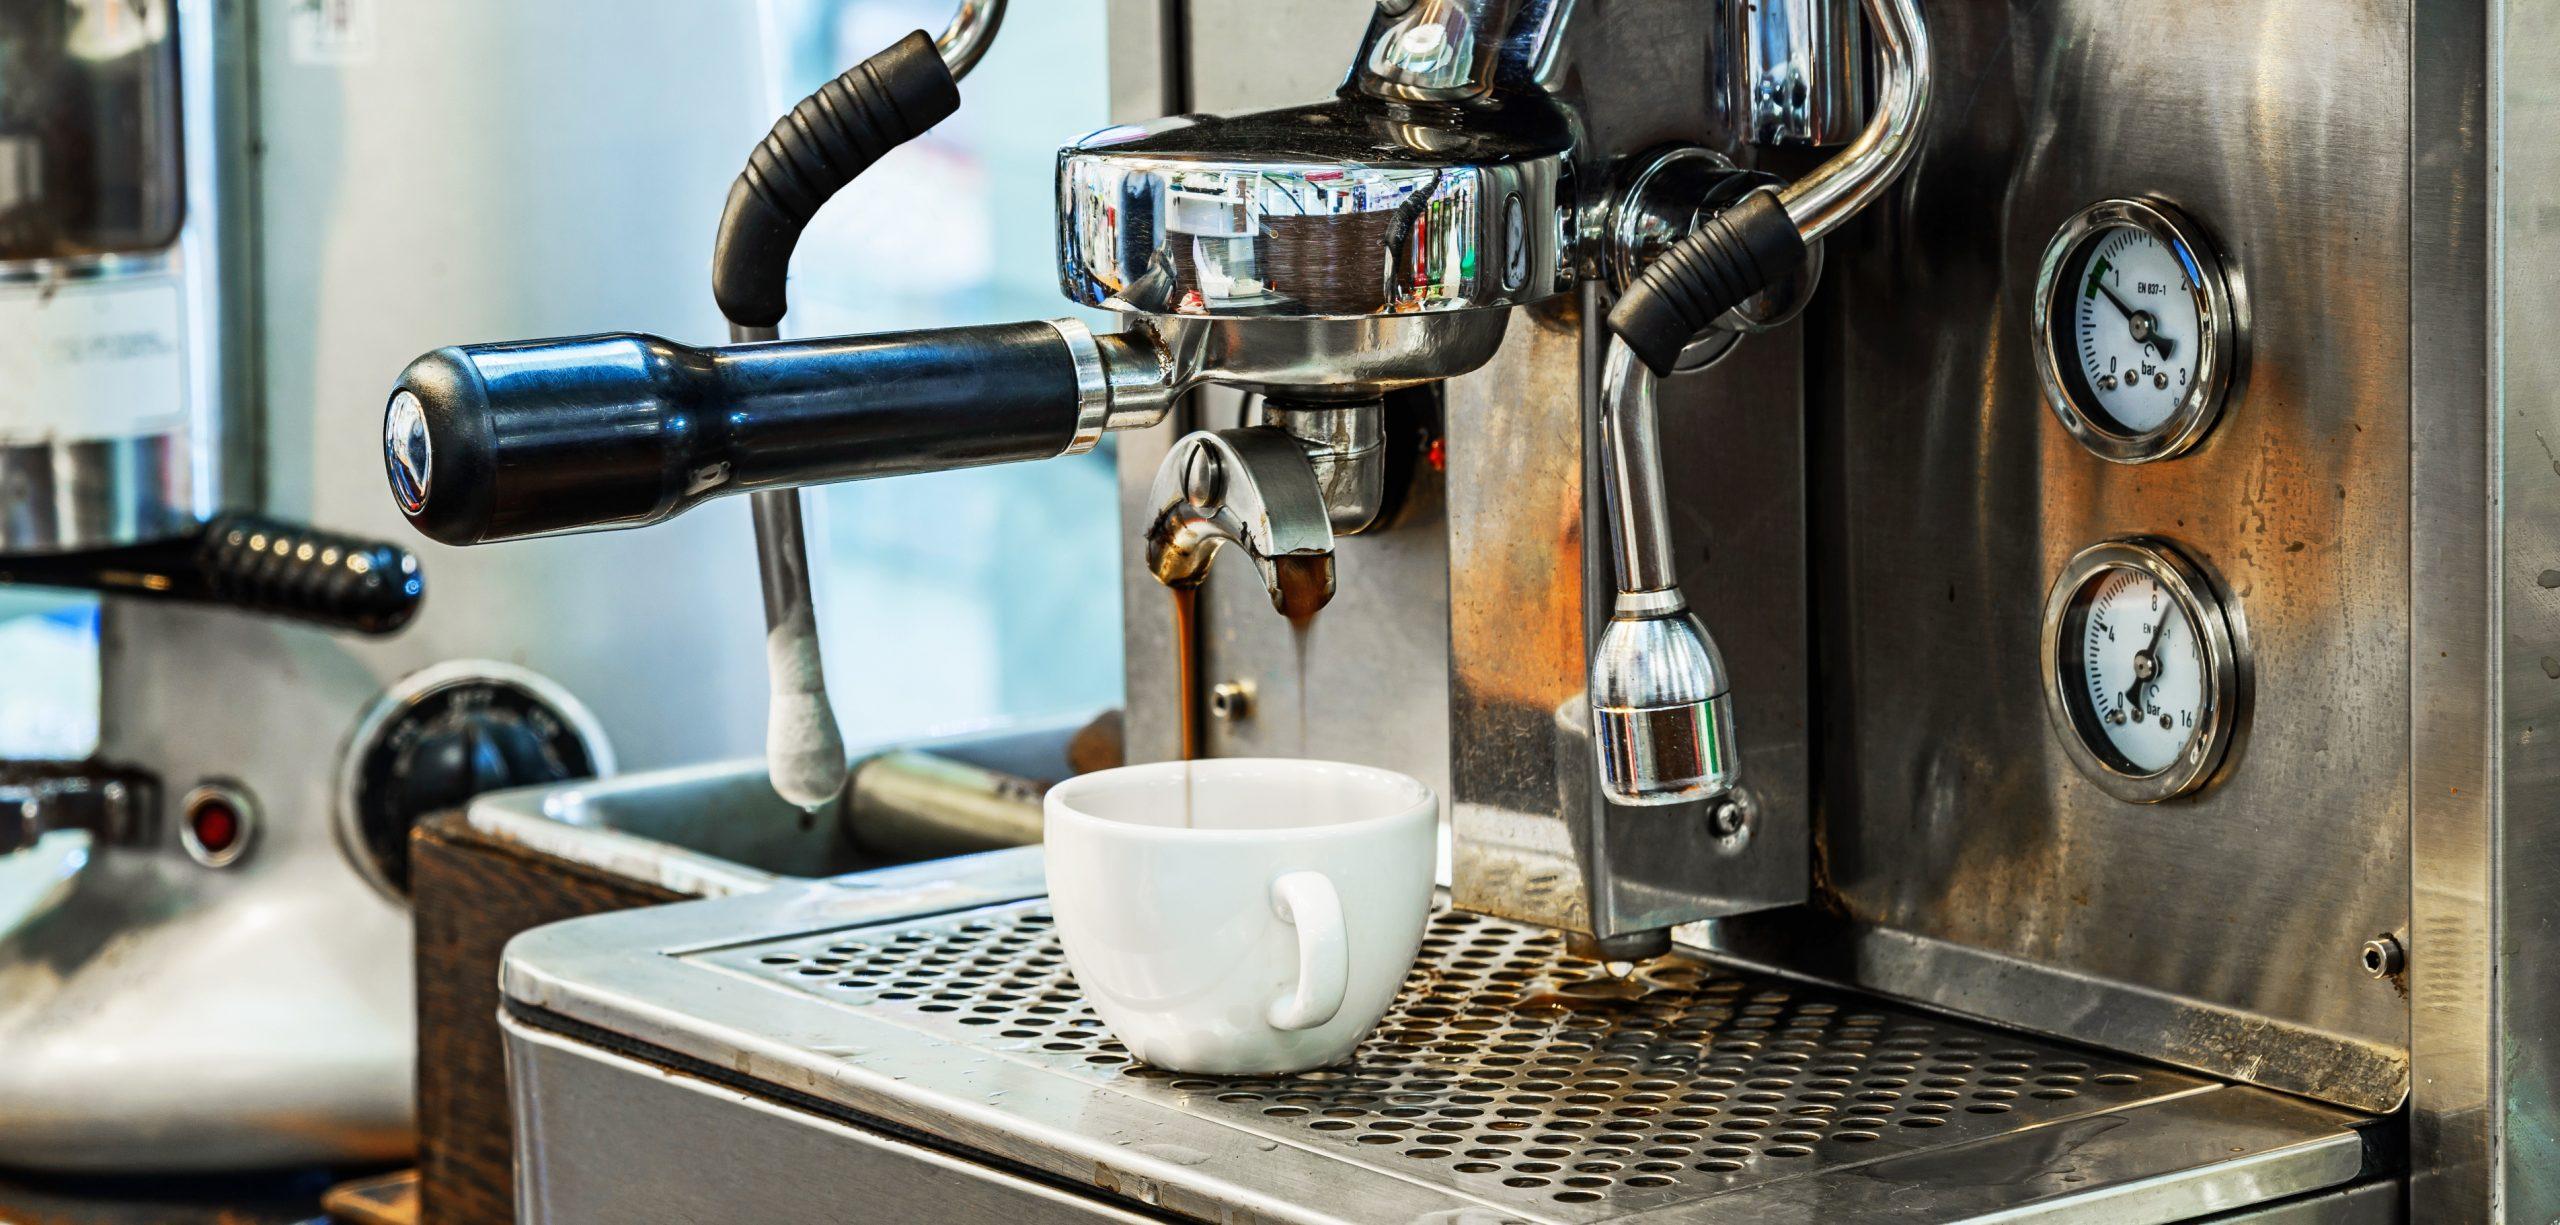 Cafetera industrial: ¿Cuál es la mejor del 2020? | ELDULCEHOGAR